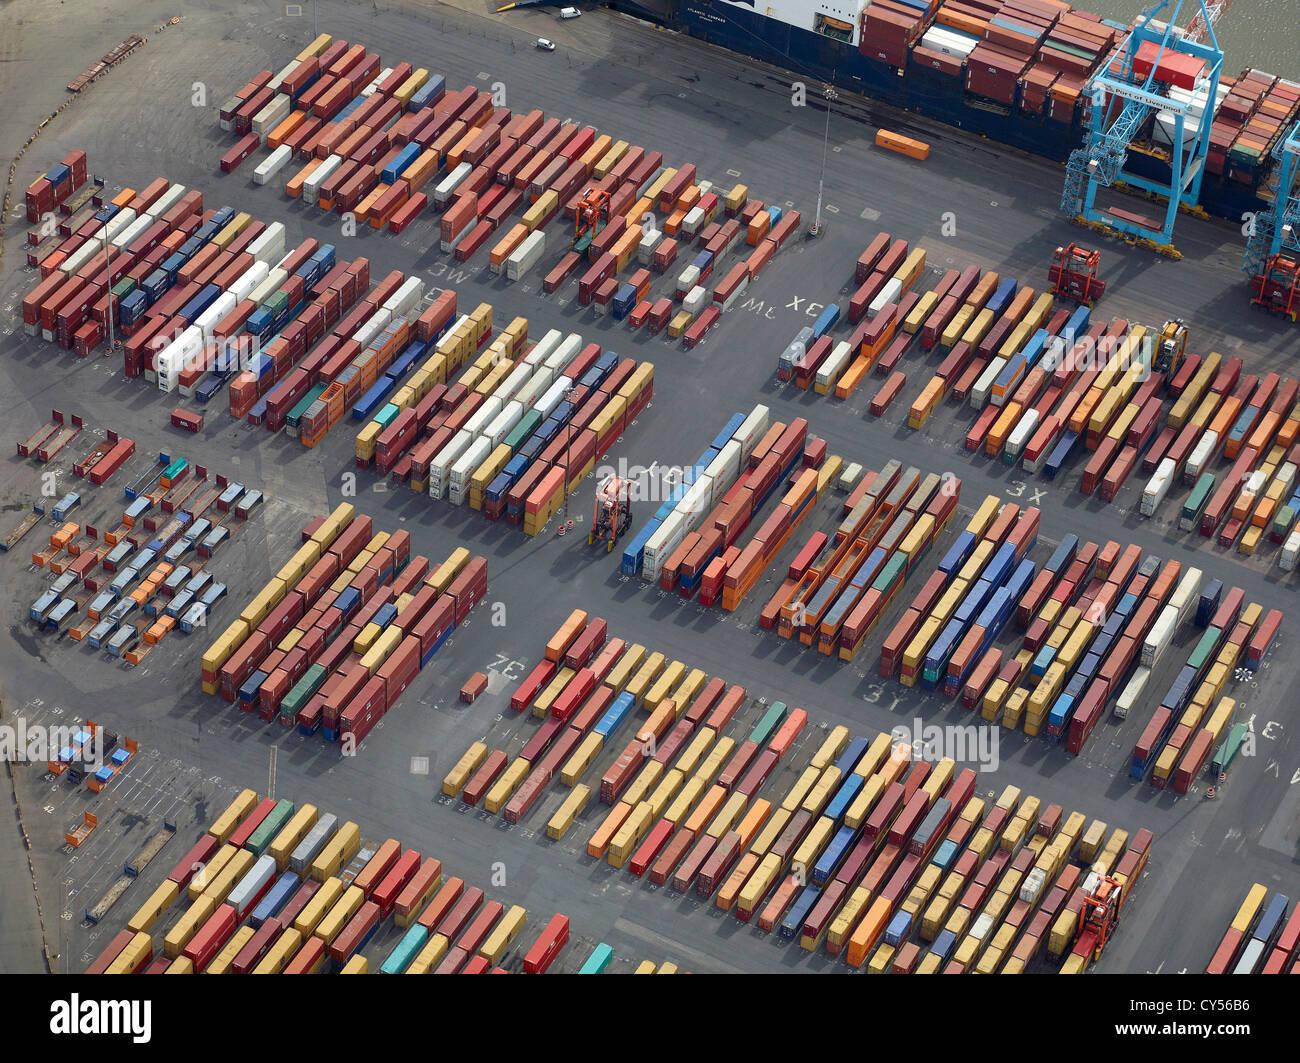 Contenedores en los muelles de Liverpool, el puerto de Liverpool, Merseyside, Noroeste de Inglaterra, Reino Unido. Foto de stock